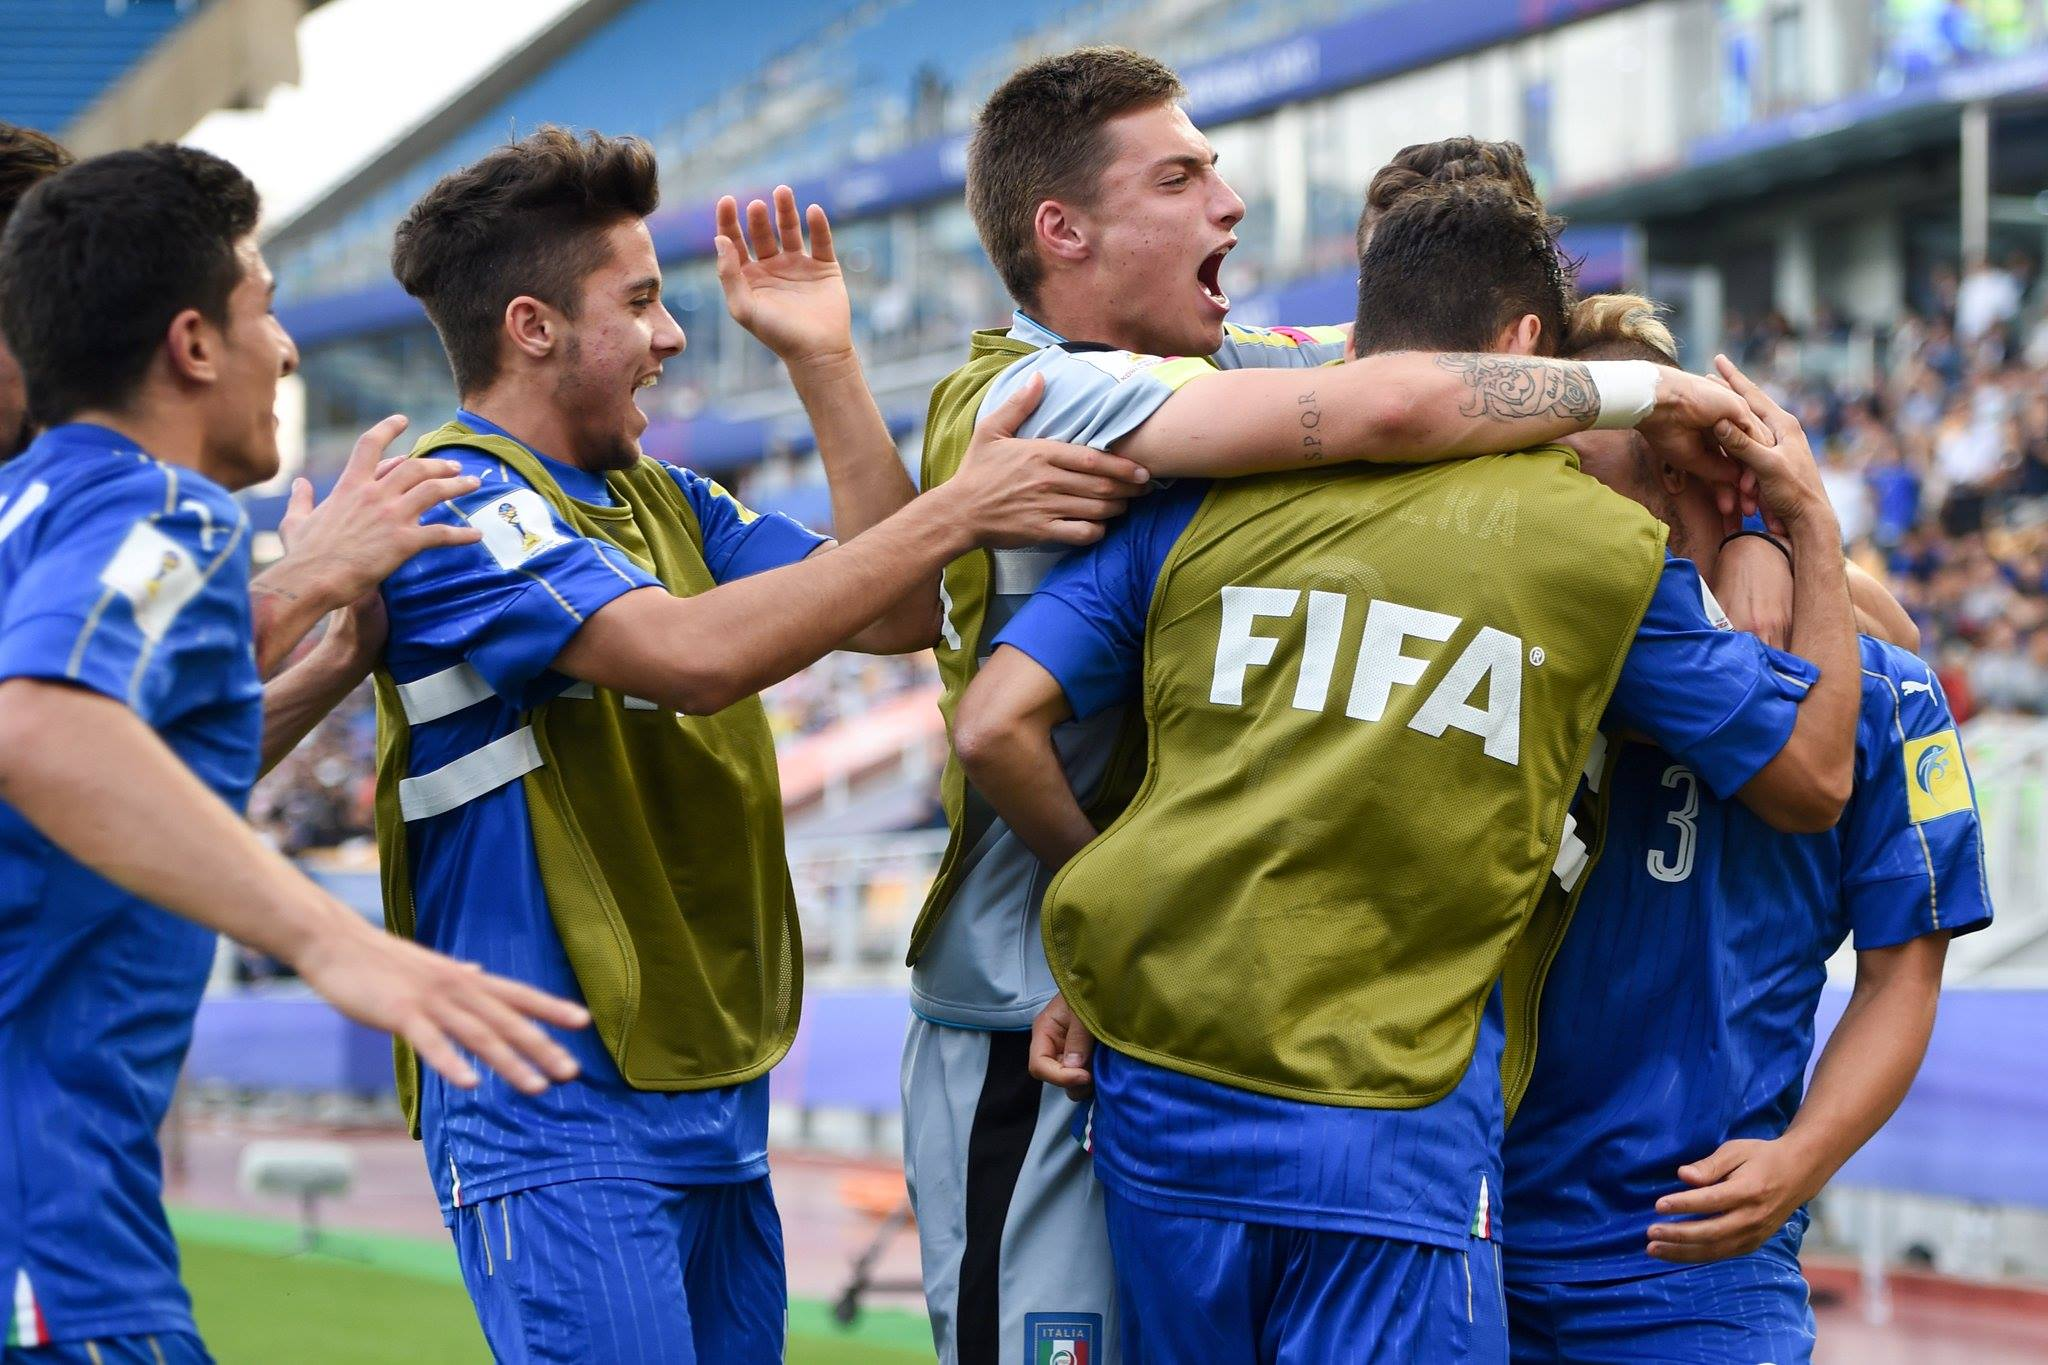 Mondiali Under 20, storica Italia: 3-2 allo Zambia, è la prima semifinale di sempre